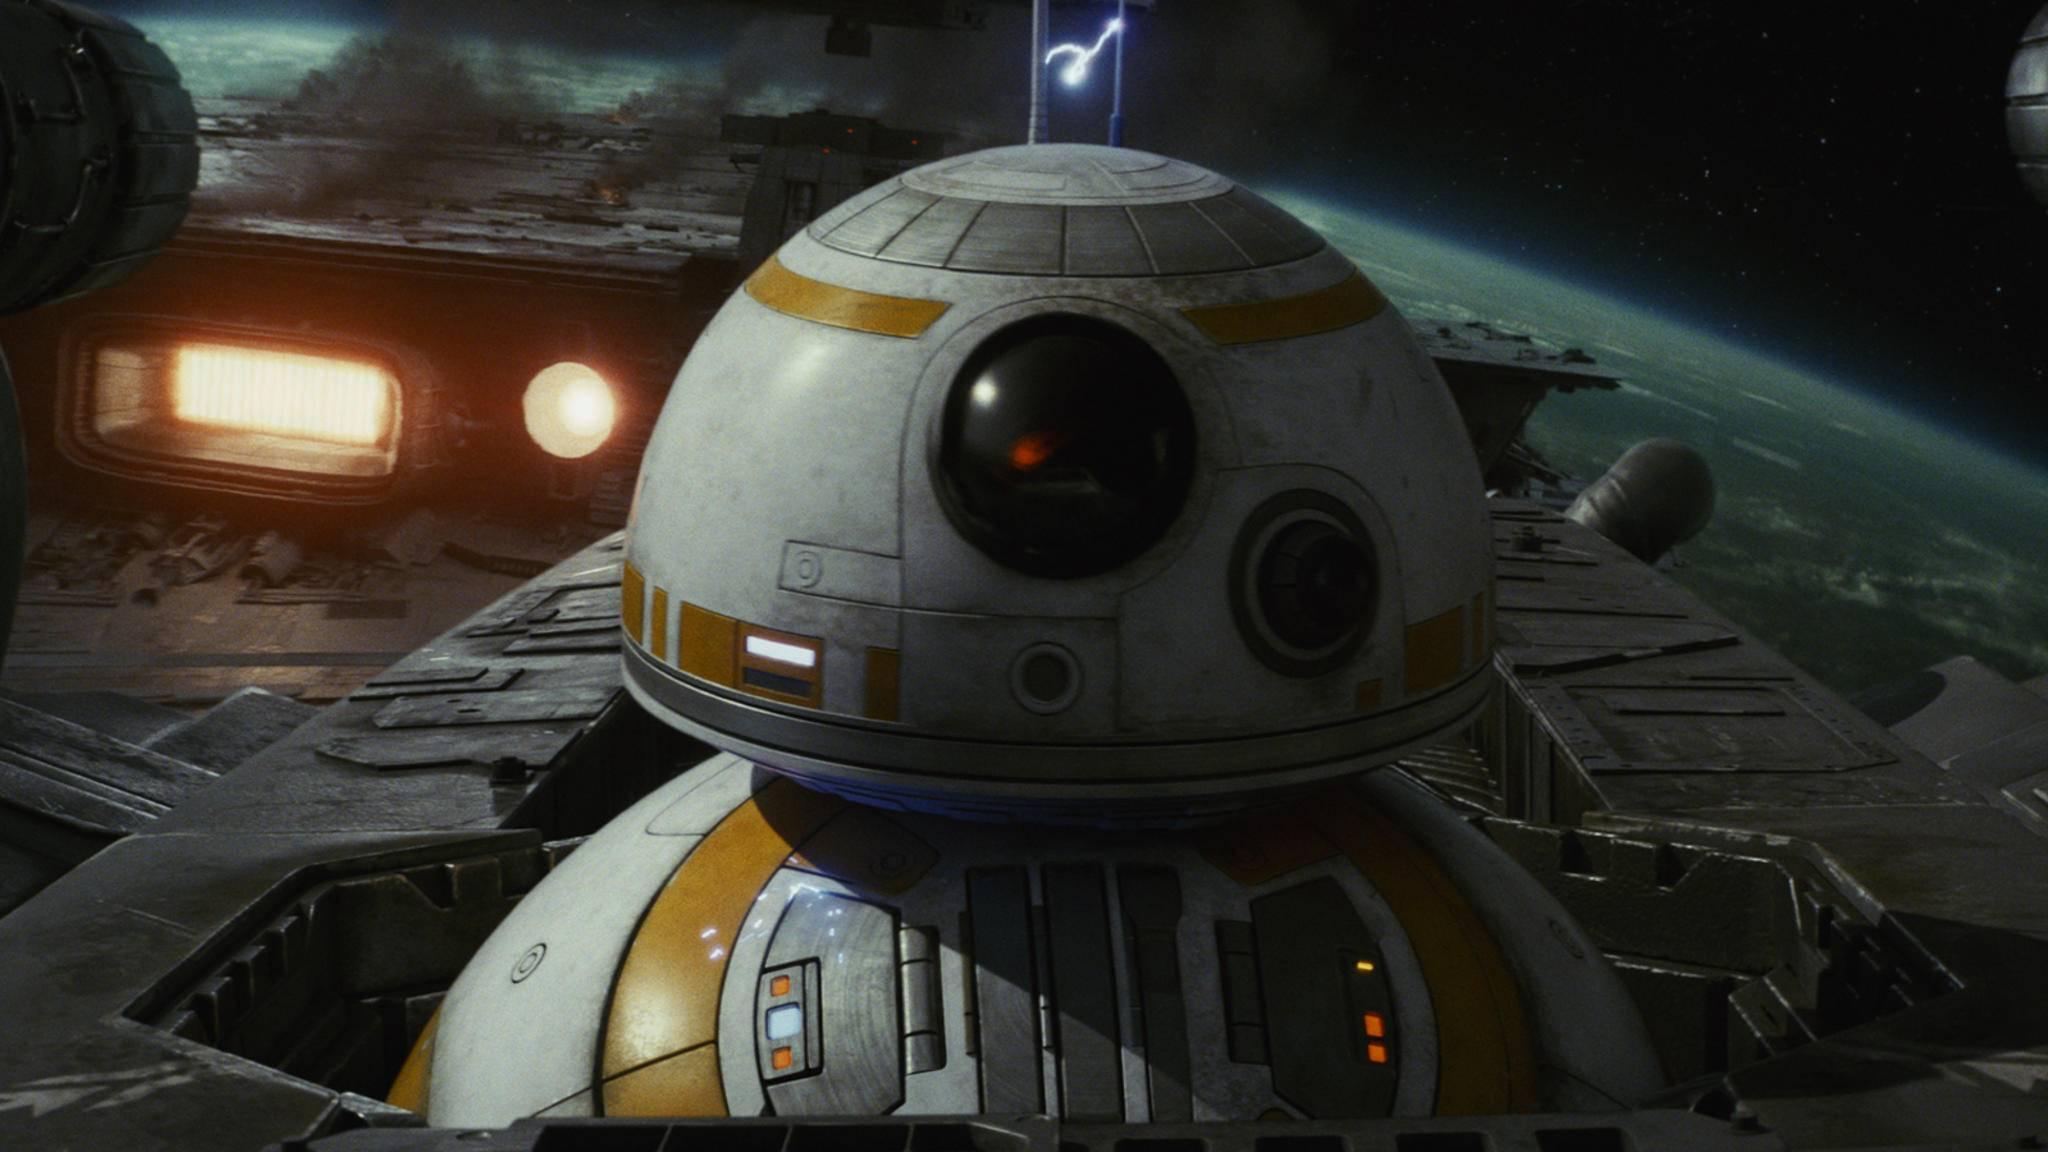 """Auf der ISS gibt es """"Star Wars: Die letzten Jedi"""" vor spektakulärer Weltraumkulisse zu sehen."""